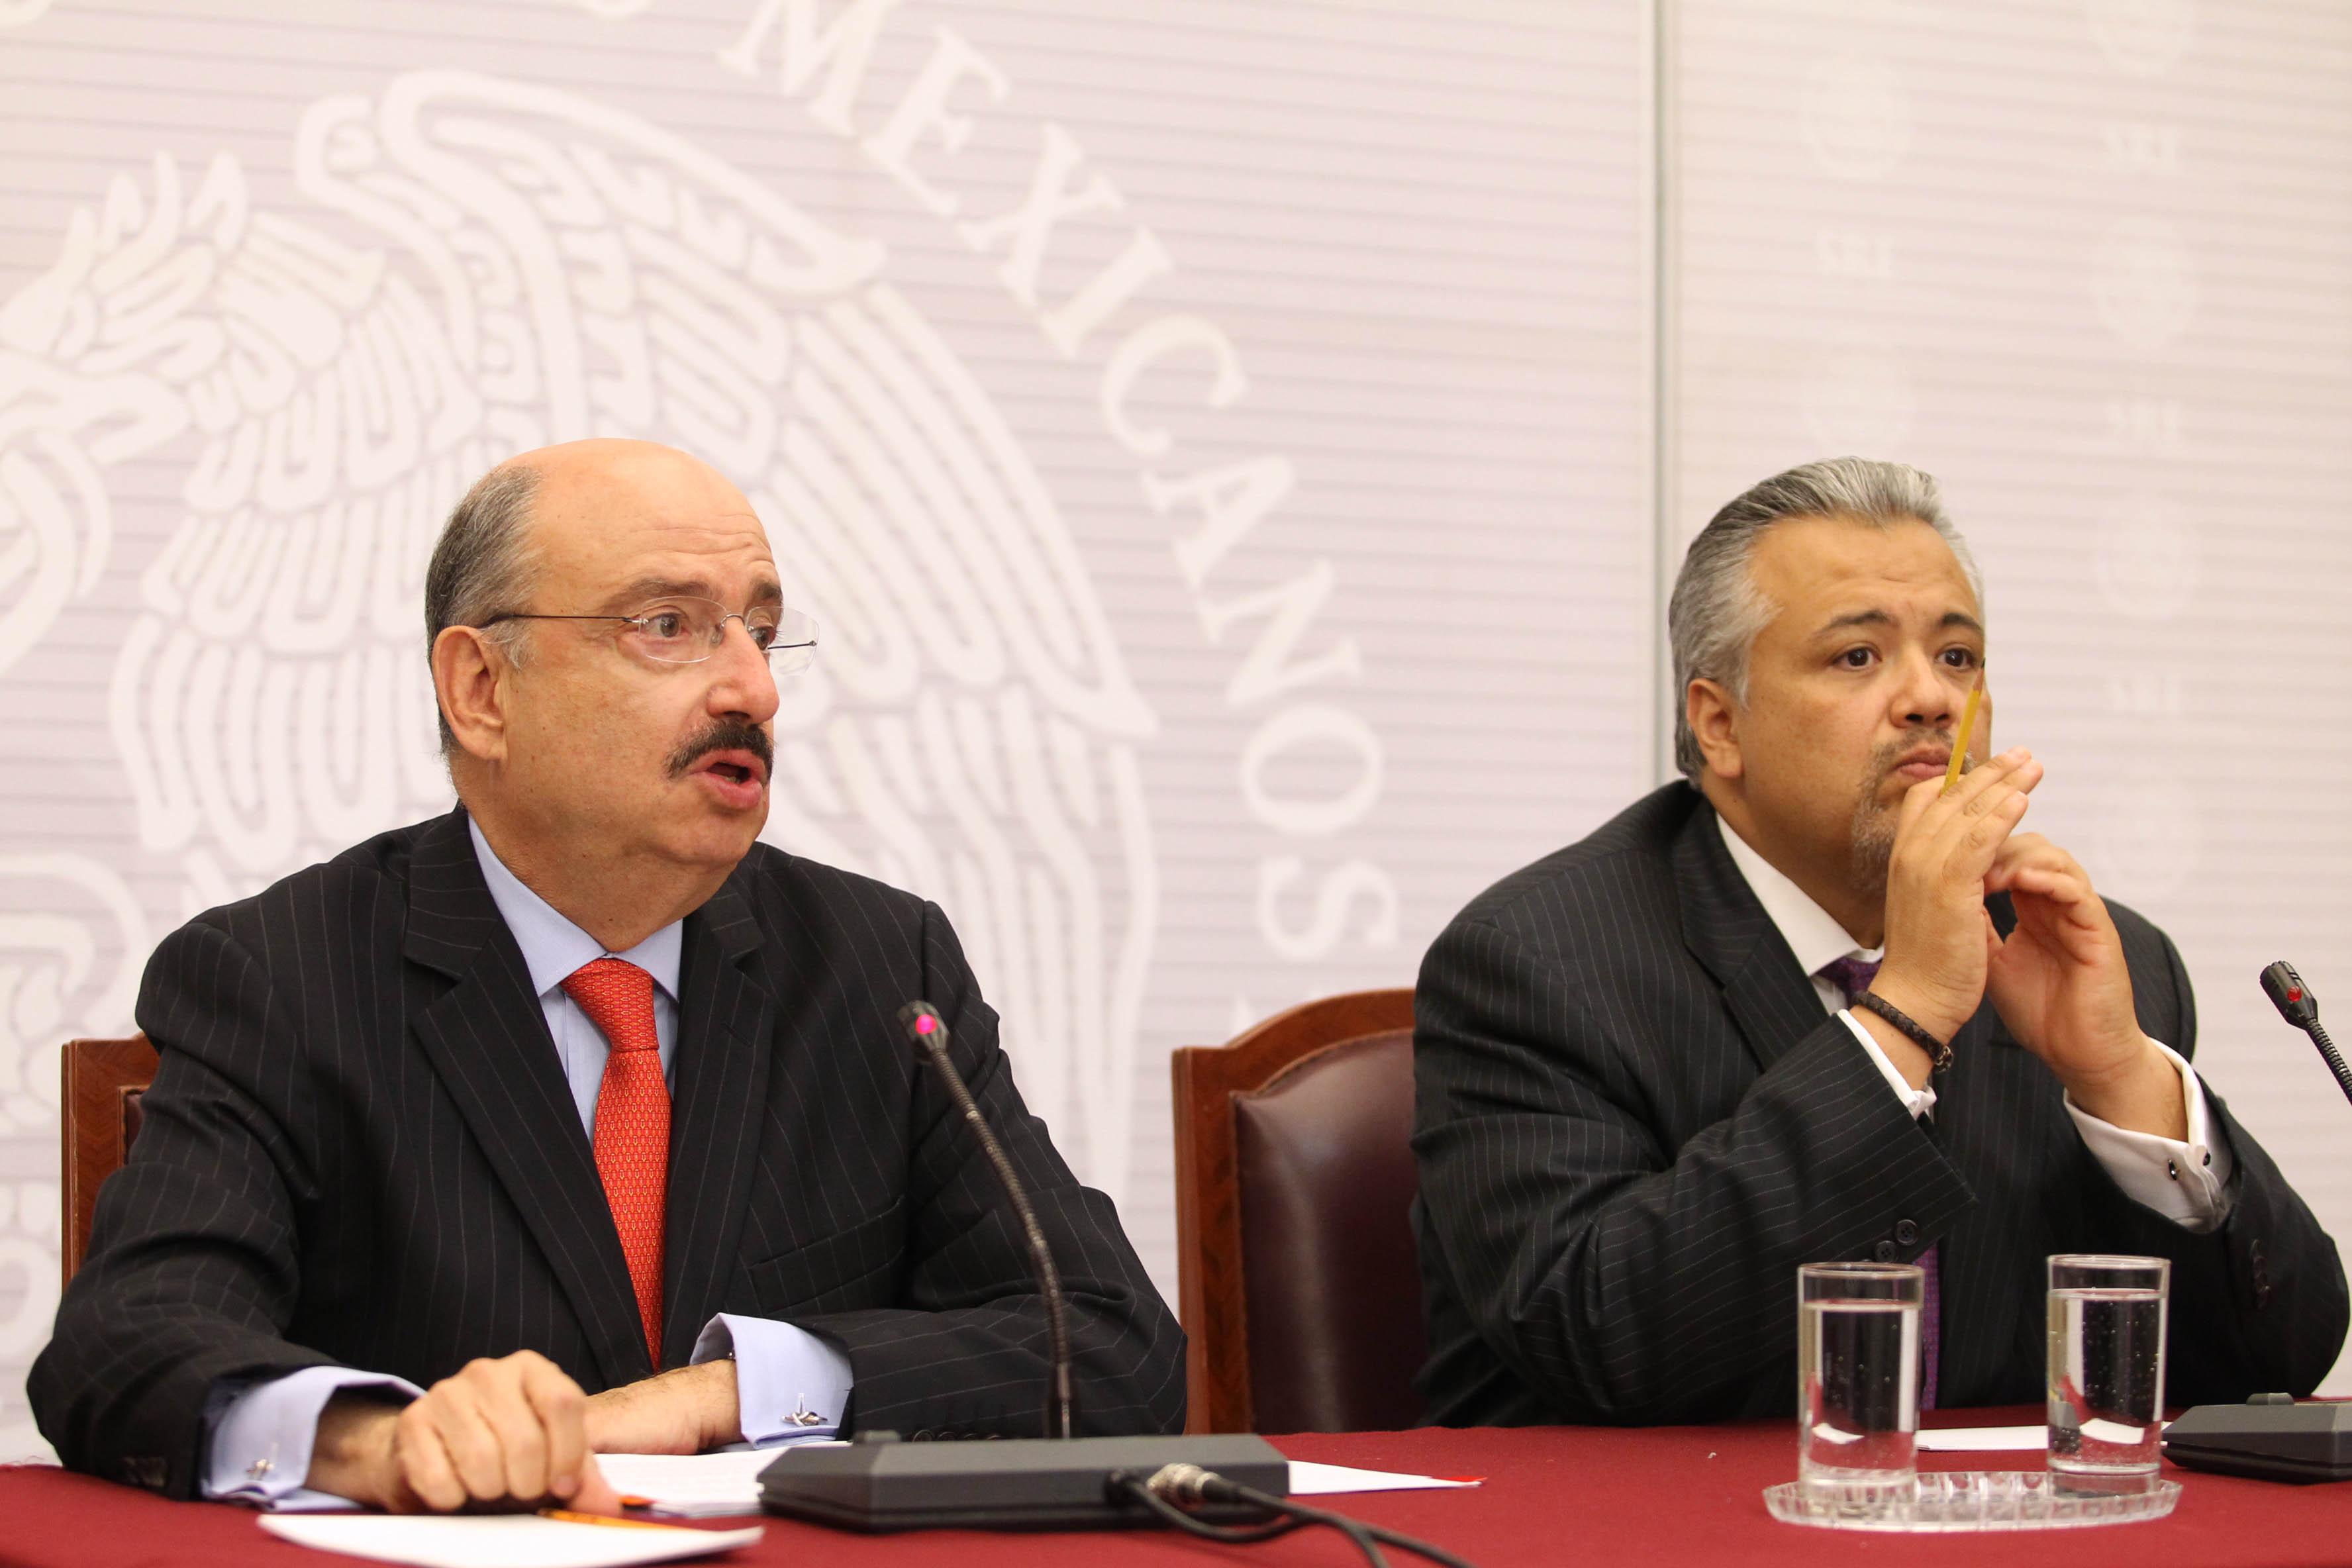 FOTO 1 Embajador Carlos de Icaza Gonz lez y Eduardo del R o  director general de Comunicaci n Socialjpg